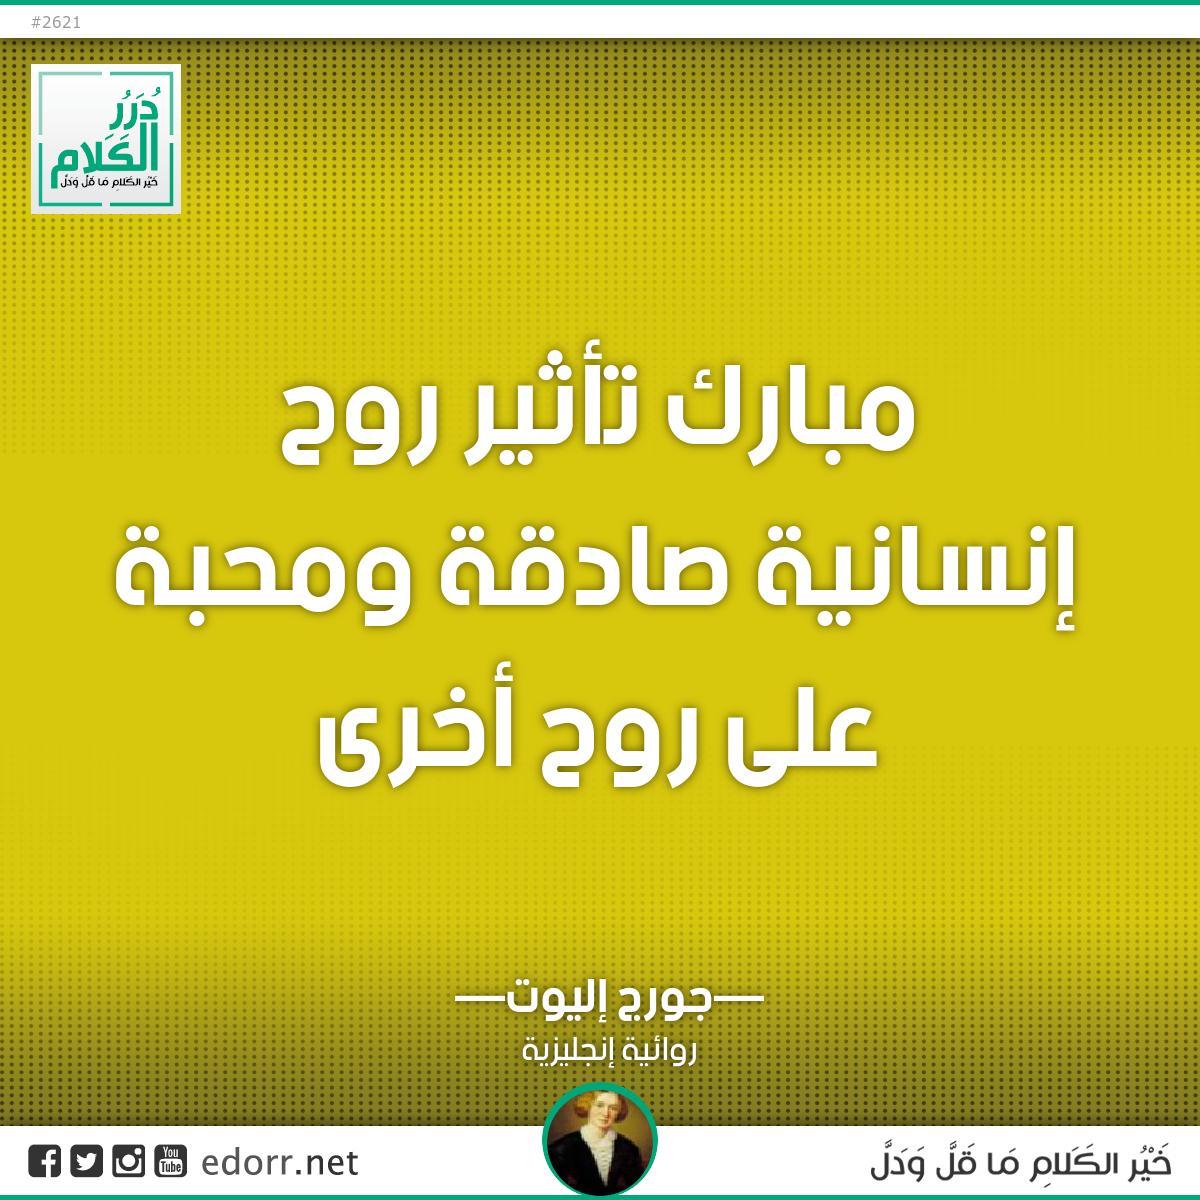 مبارك تأثير روح إنسانية صادقة ومحبة على روح أخرى.